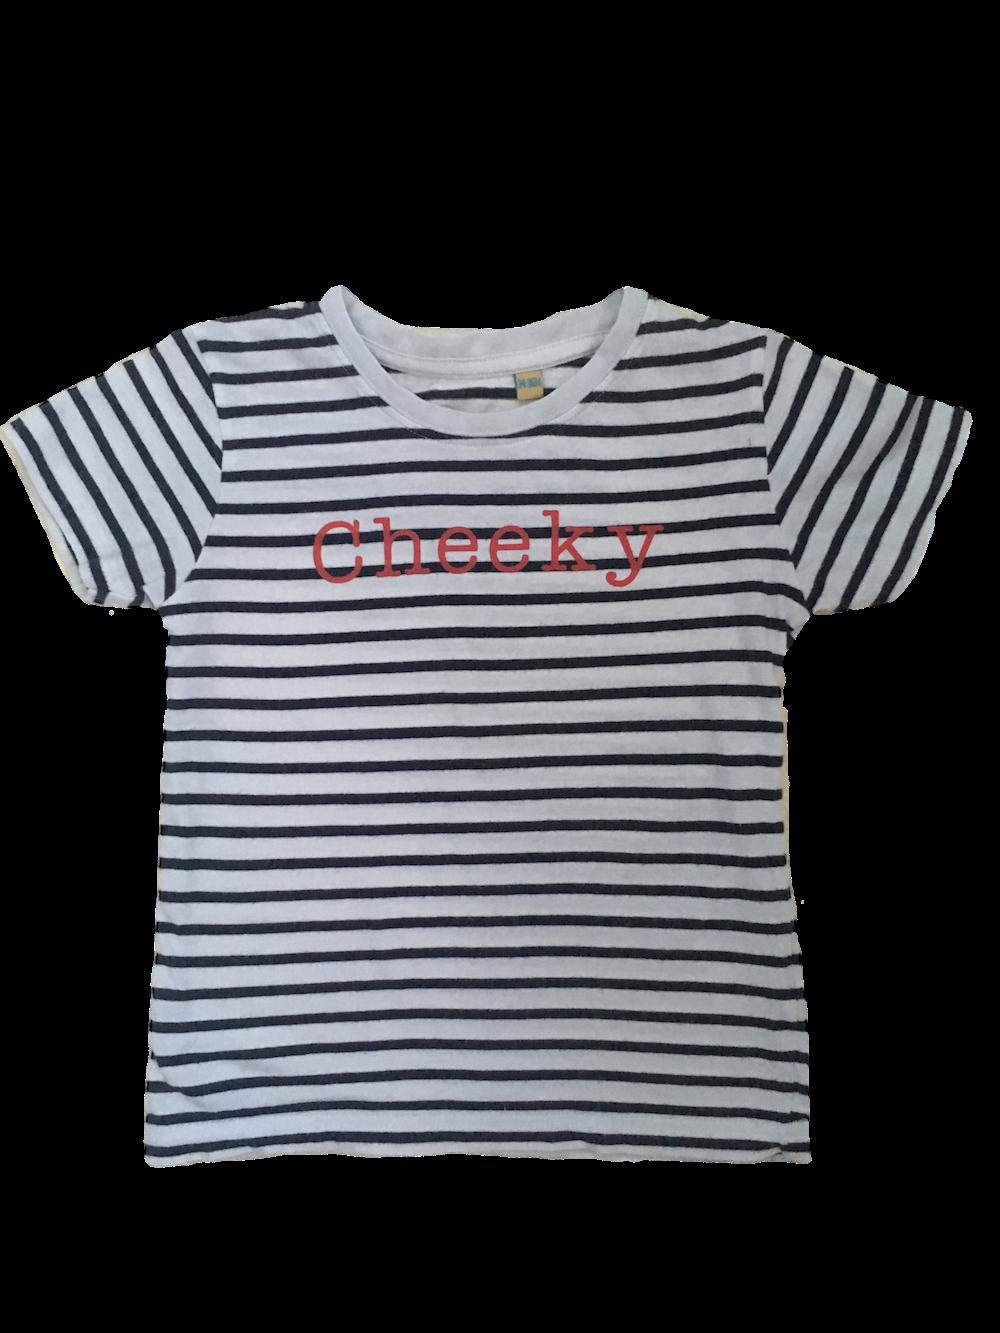 Stripy Childrens Tshirt